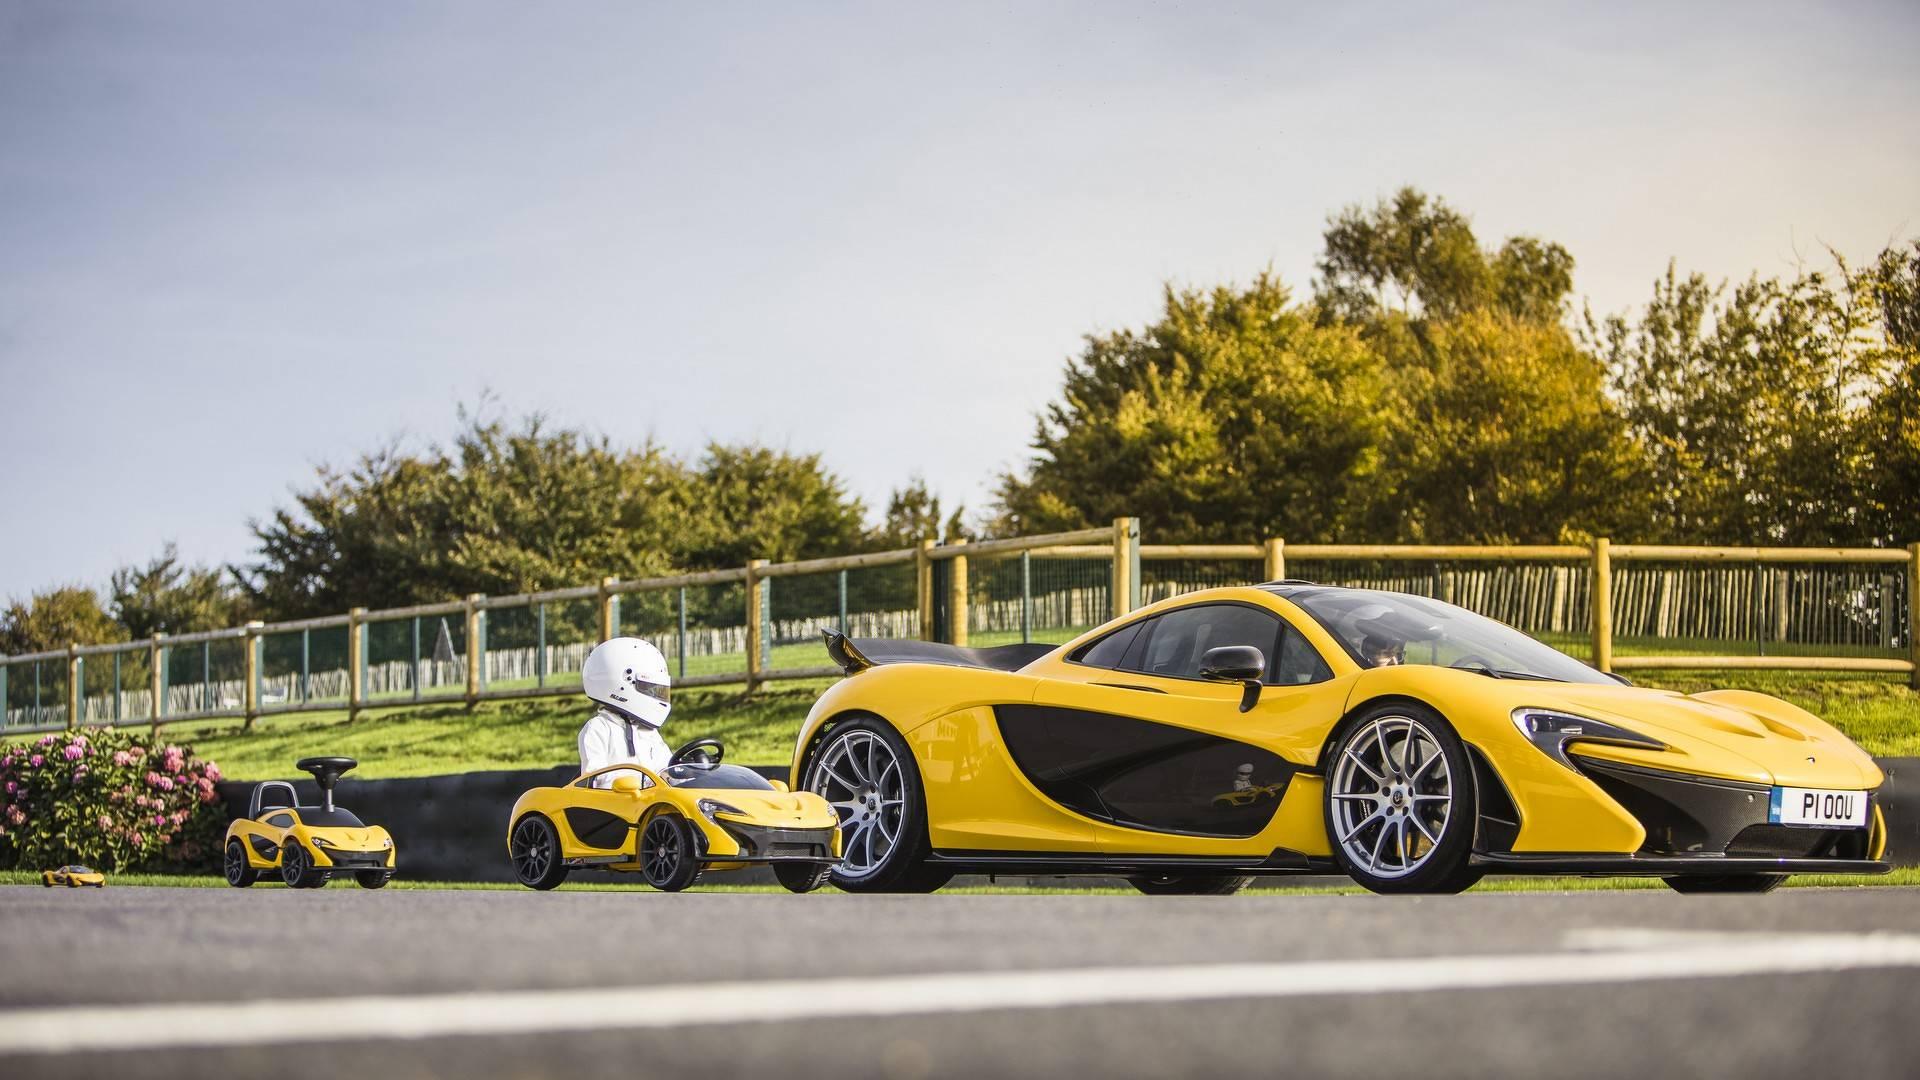 Mclaren P1 Cost >> McLaren P1 'foot-to-floor' – McLaren sebenar paling mampu milik, tanpa elektrik atau bahan api ...